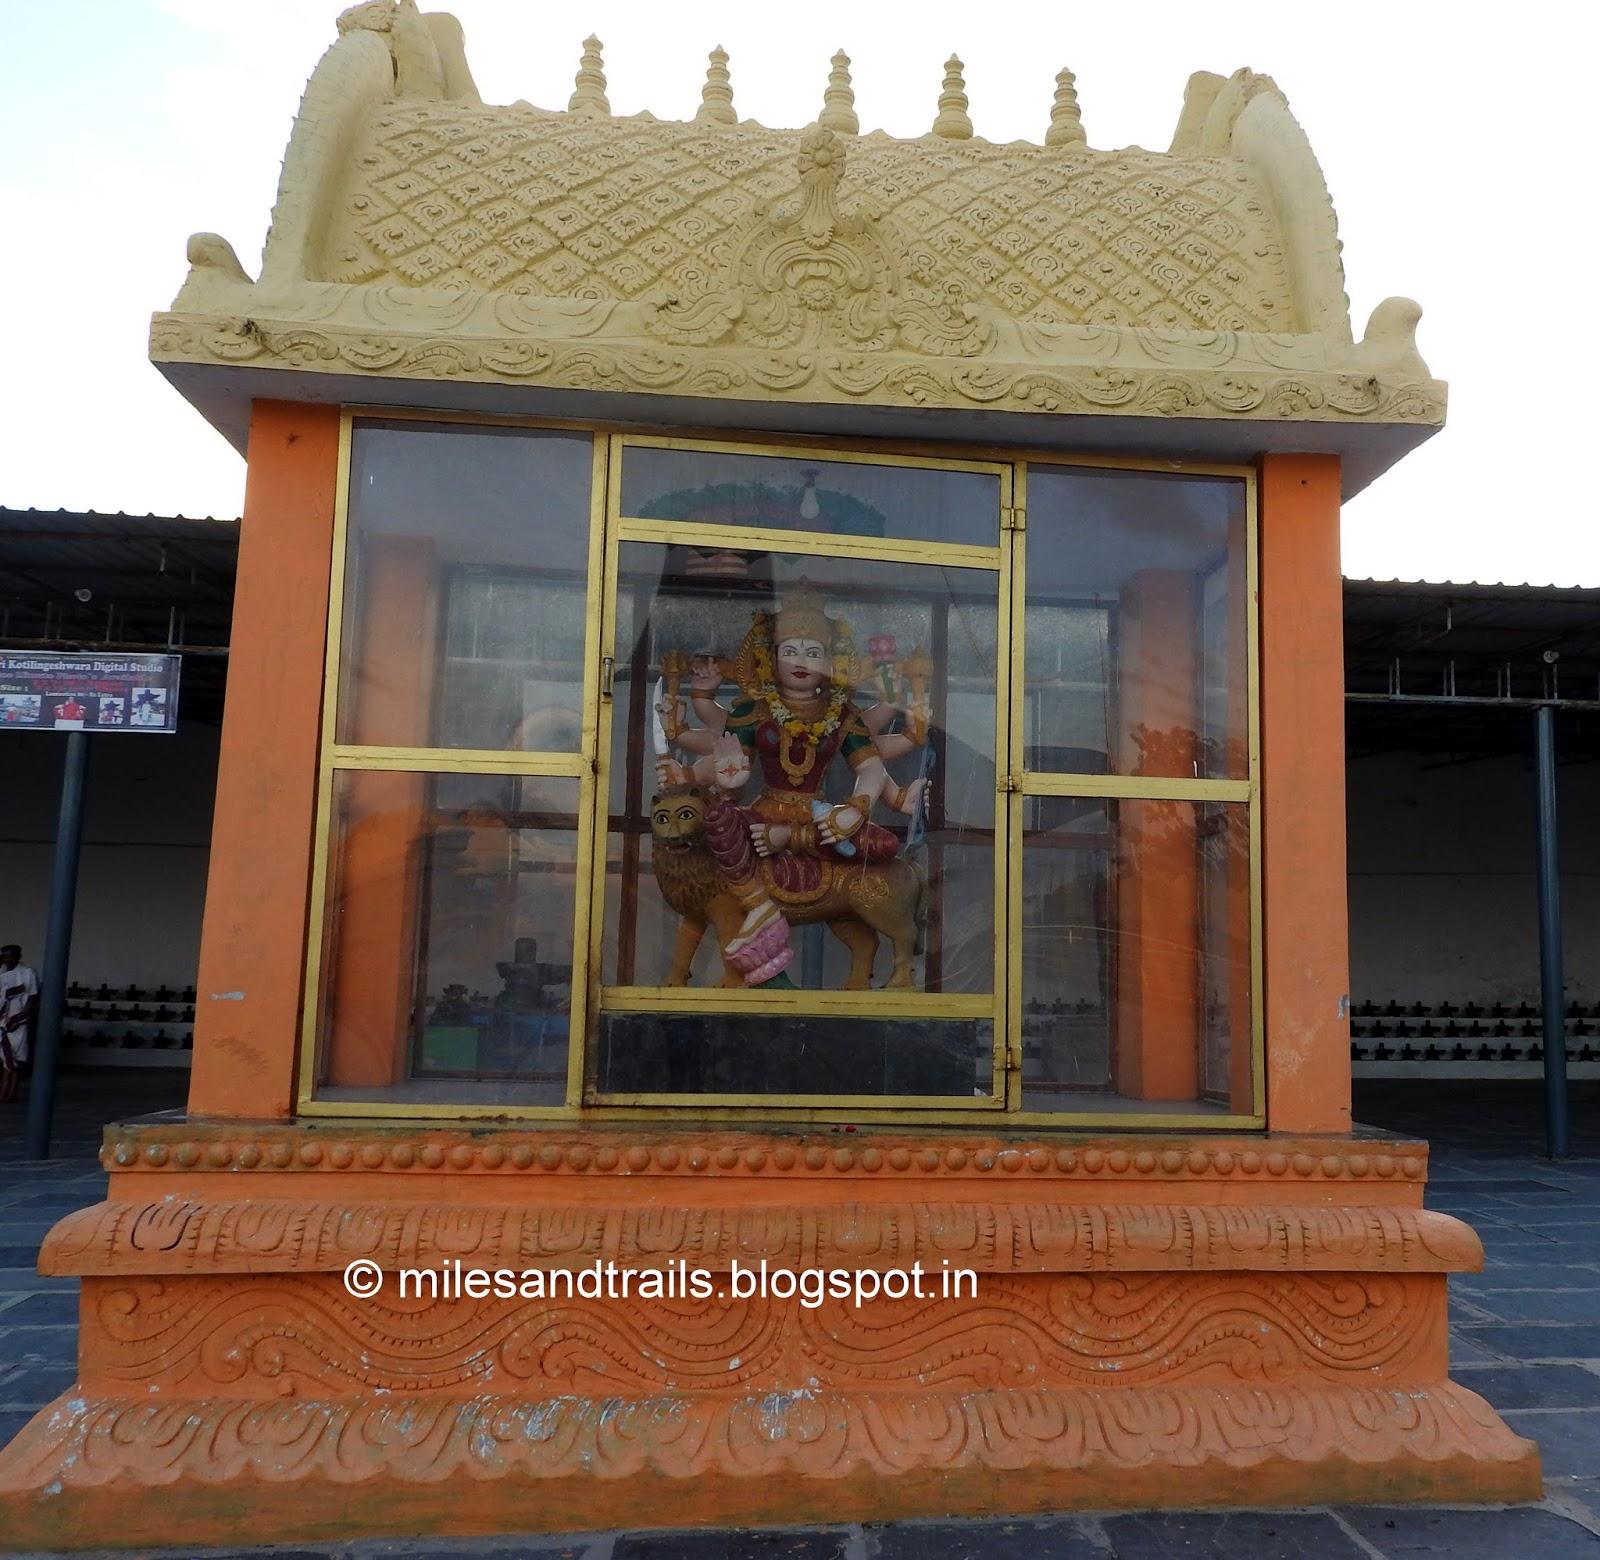 Miles And Trails Kotilingeshwara Temple Kolar Gold Fields